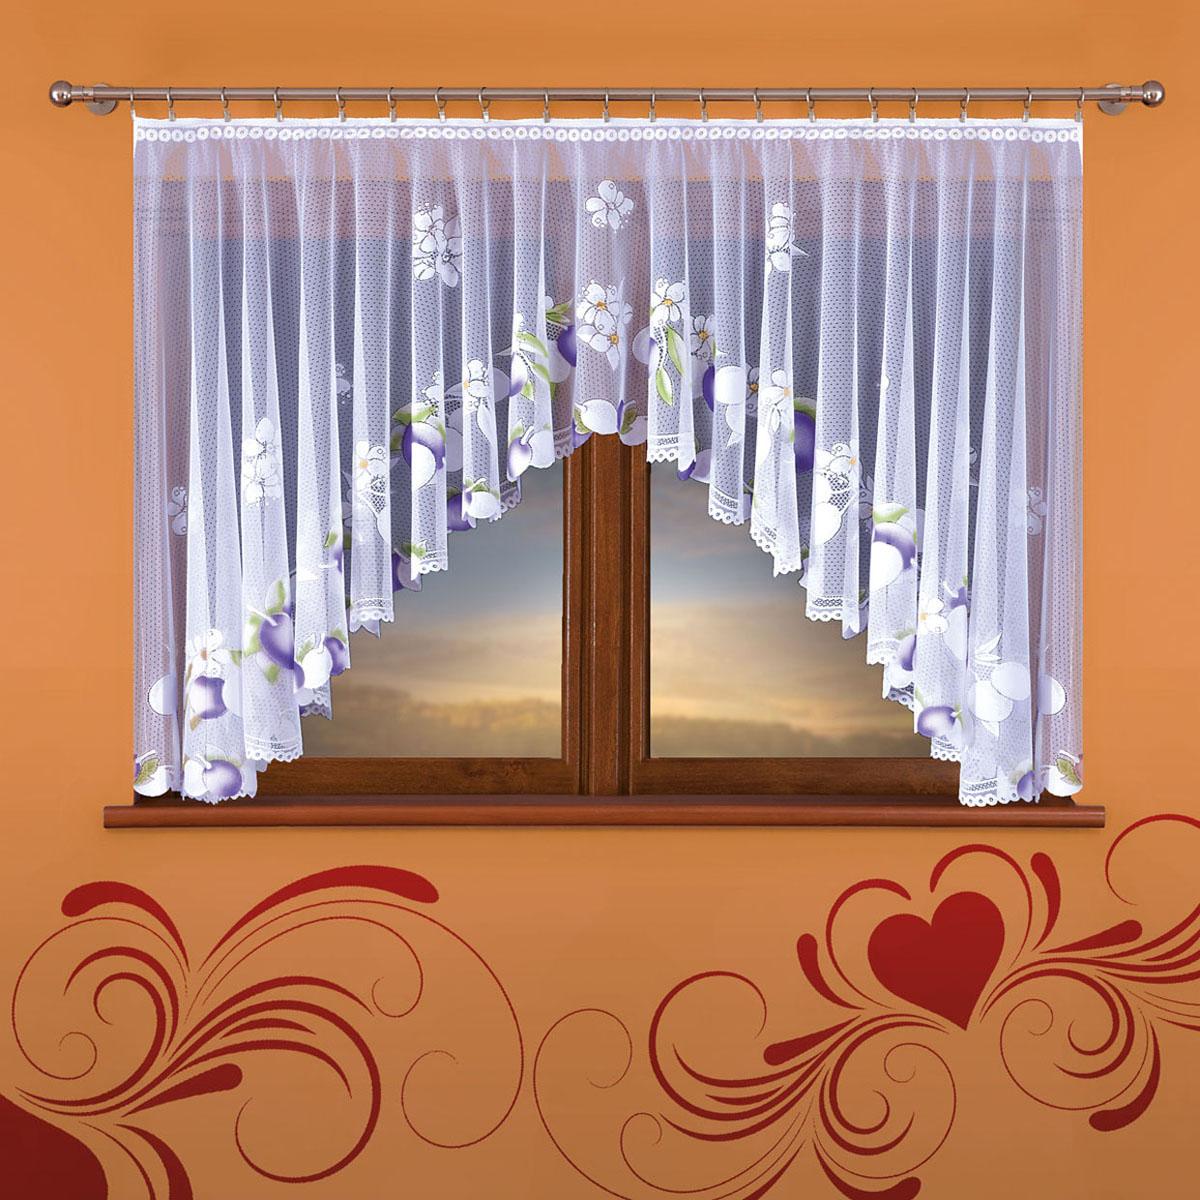 Гардина Wisan, цвет: белый, ширина 160 см, высота 130 см364Евид крепления - под зажимы для шторРазмеры: 160*130